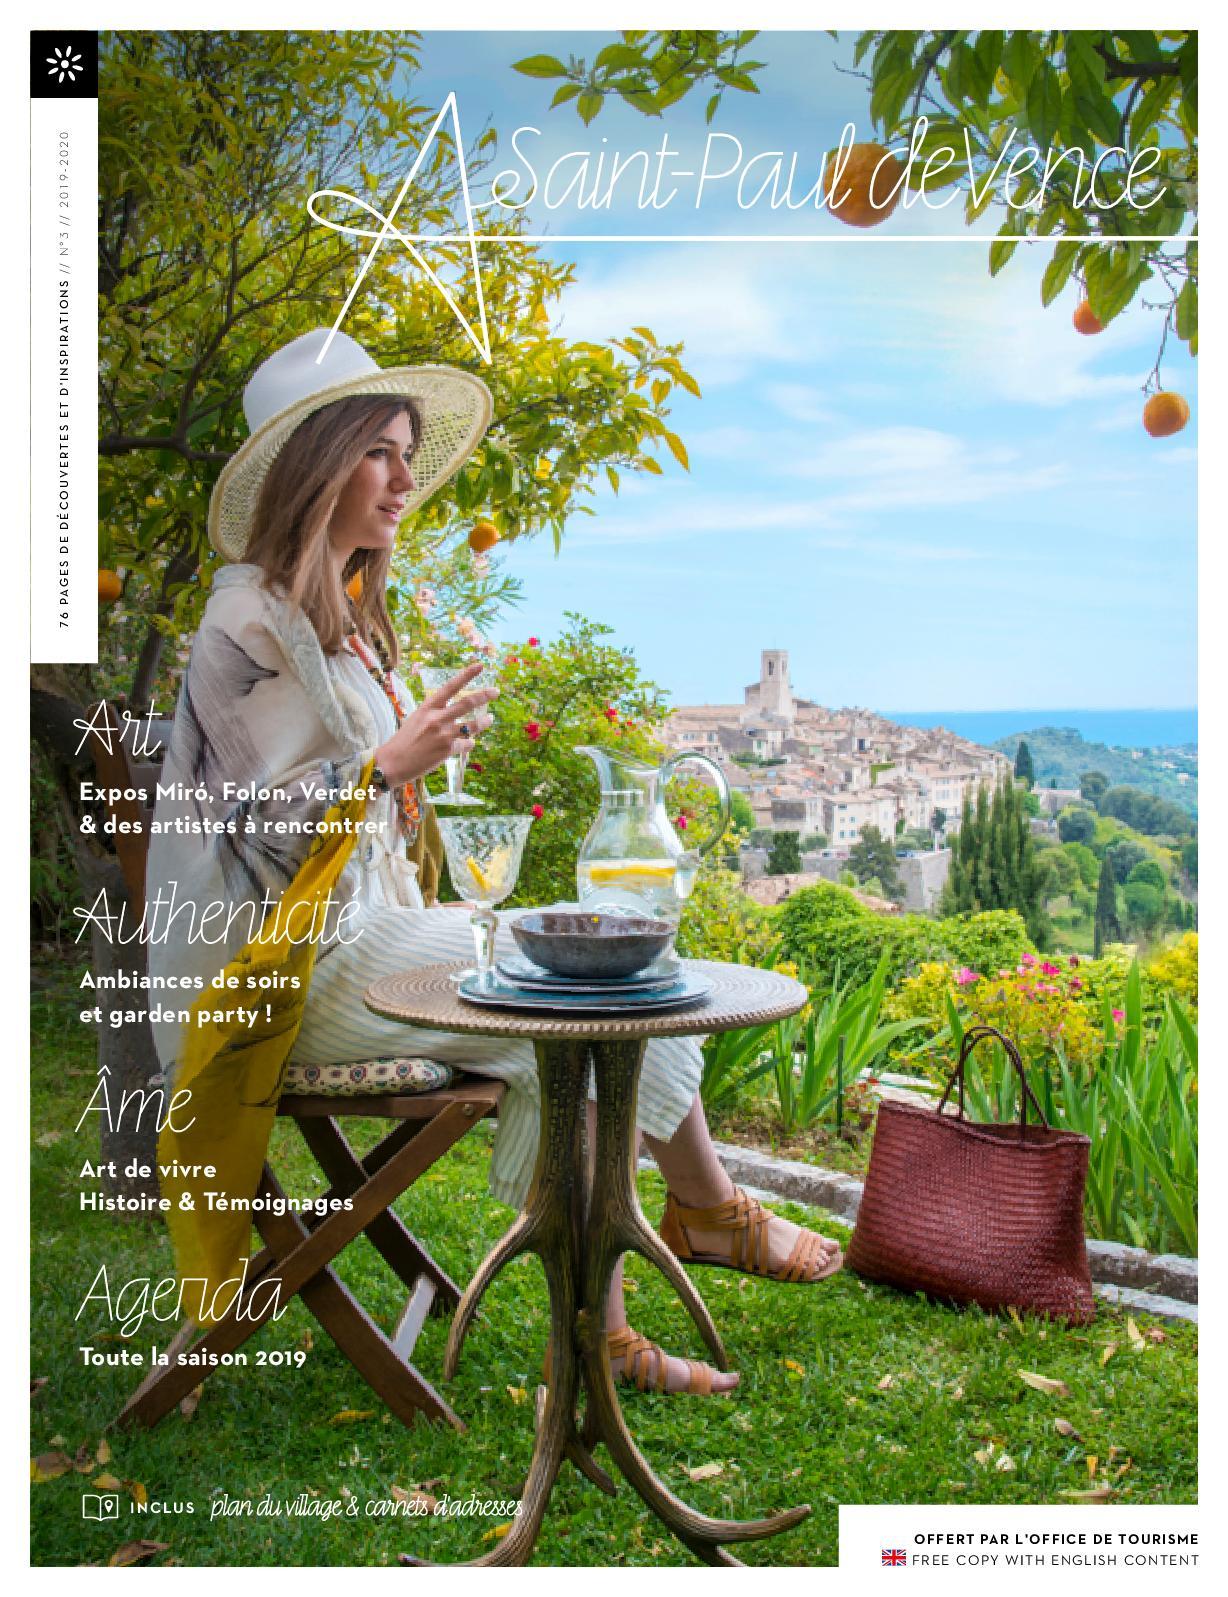 Magazine Saint De Paul Calaméo Vence Destination nO0PkZN8wX